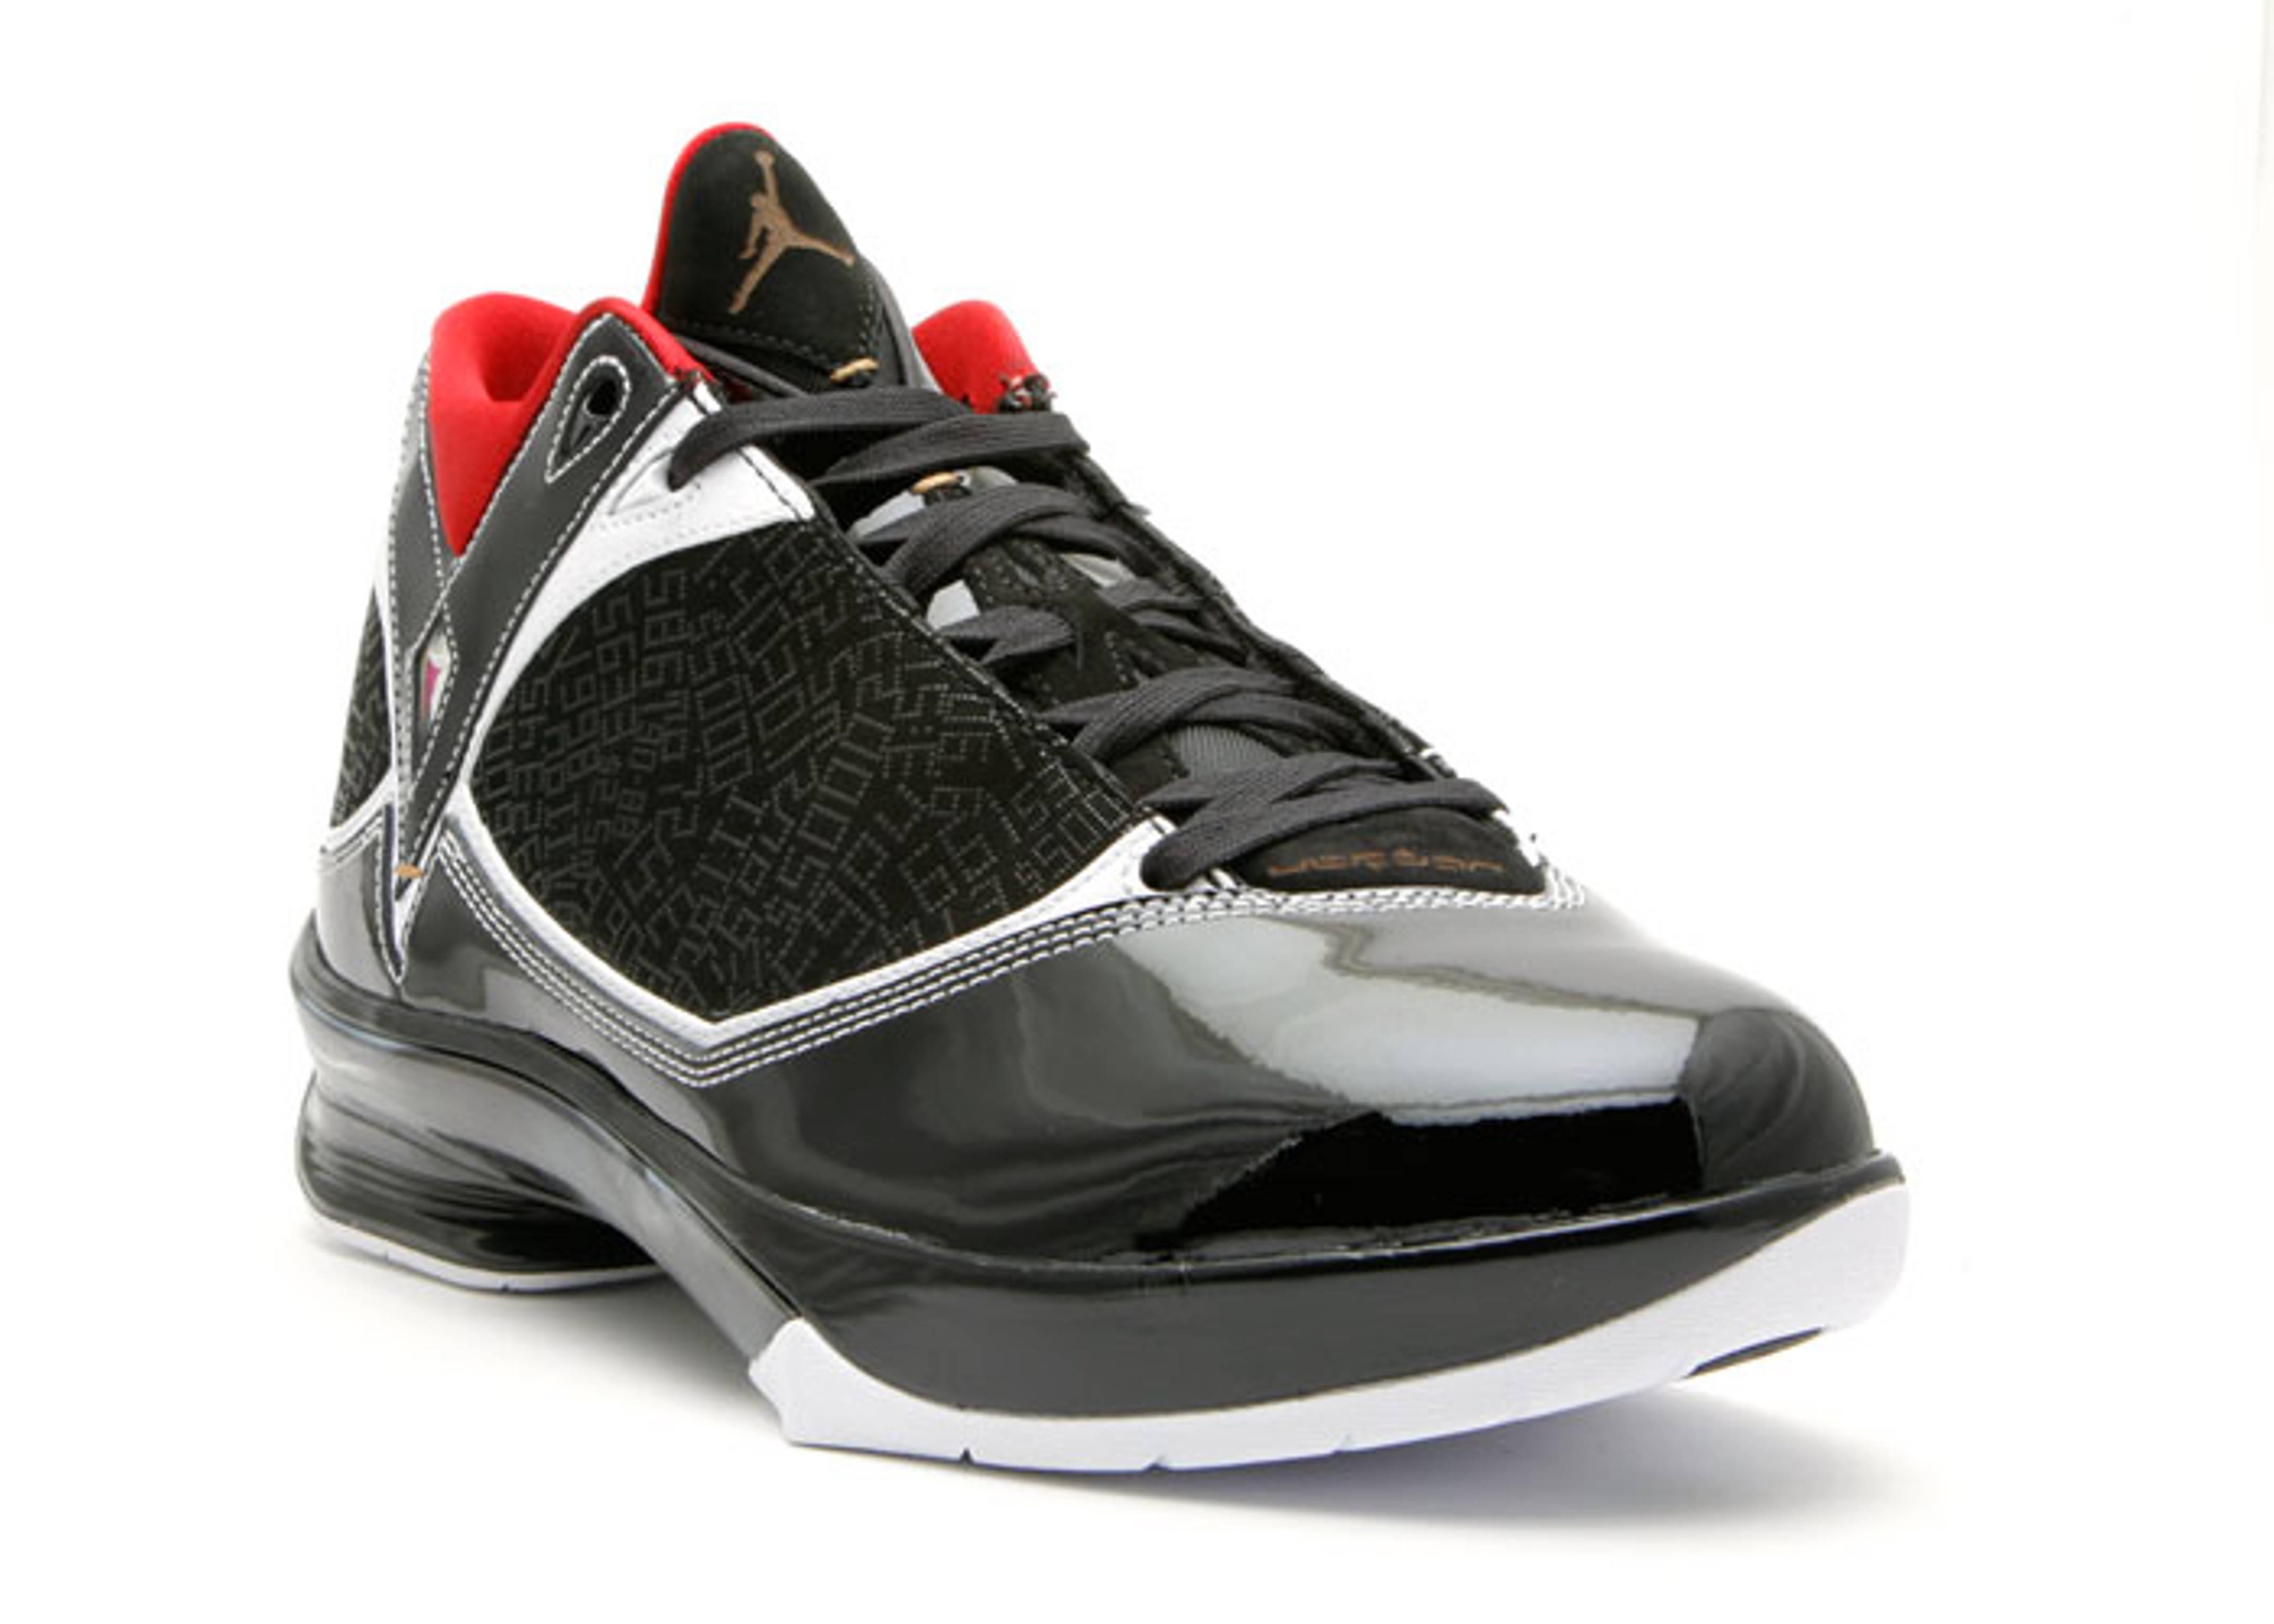 air jordan unc pe detailed images sneakerfiles